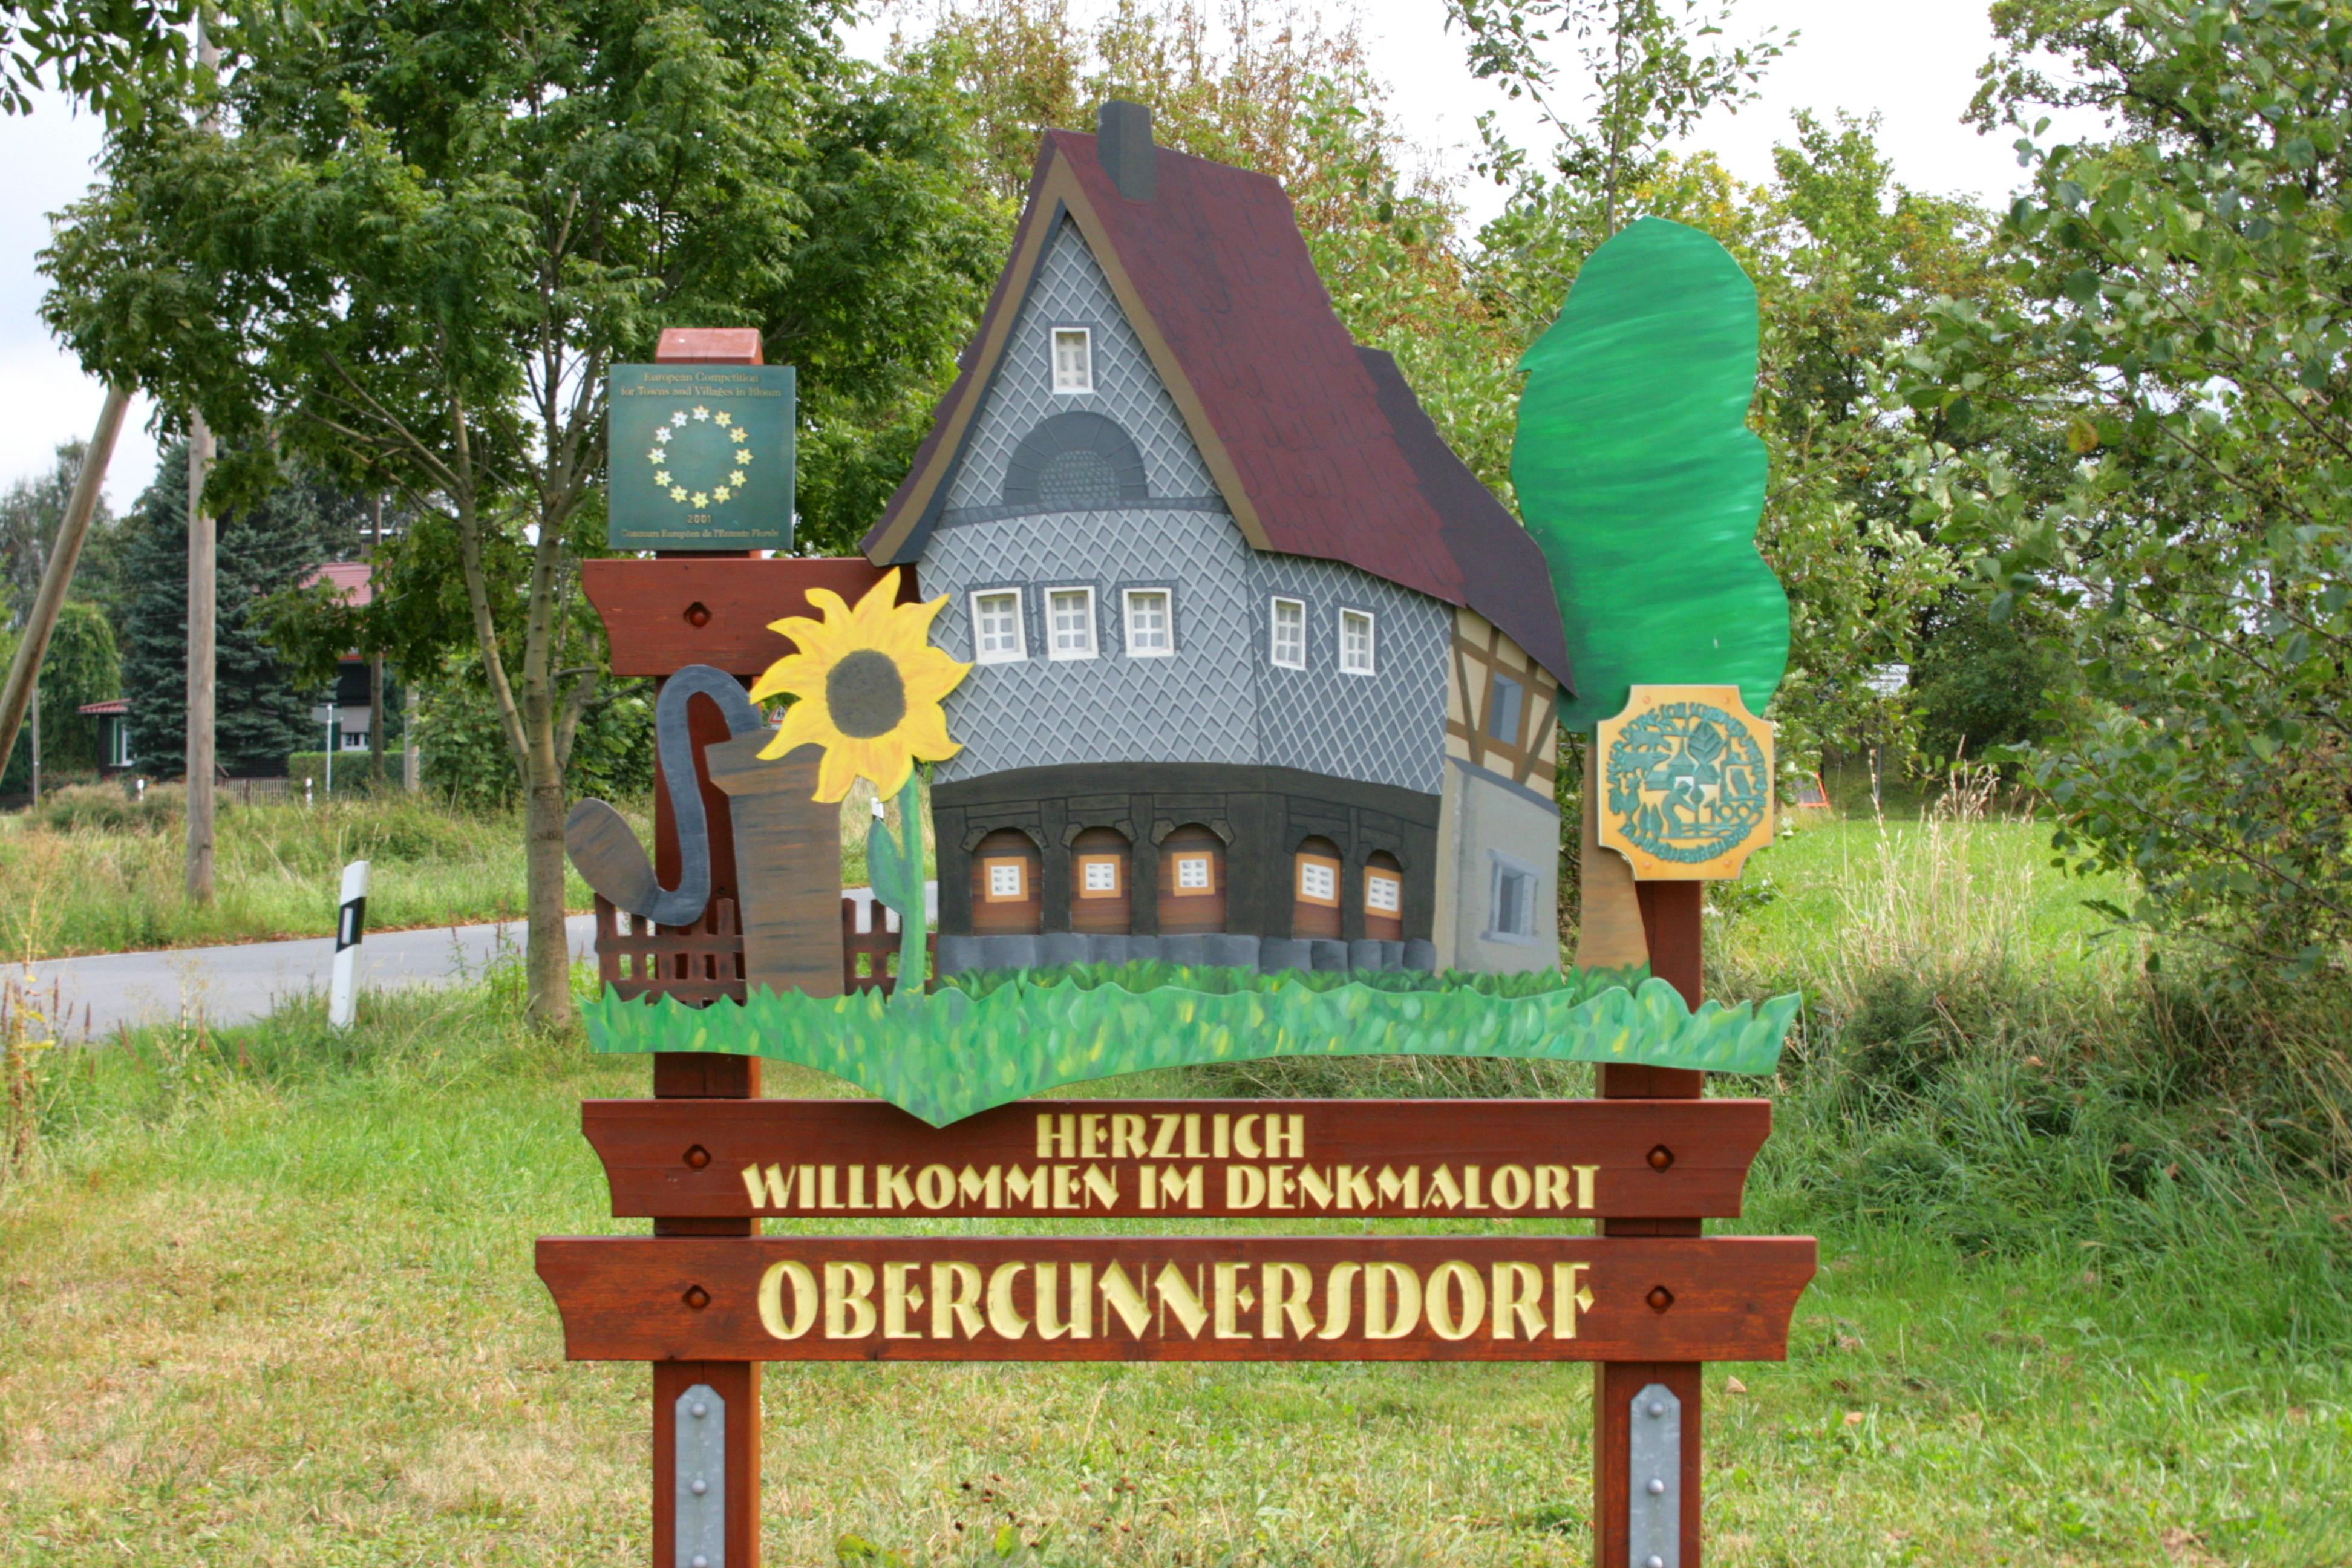 Obercunnersdorf 01 ies.jpg